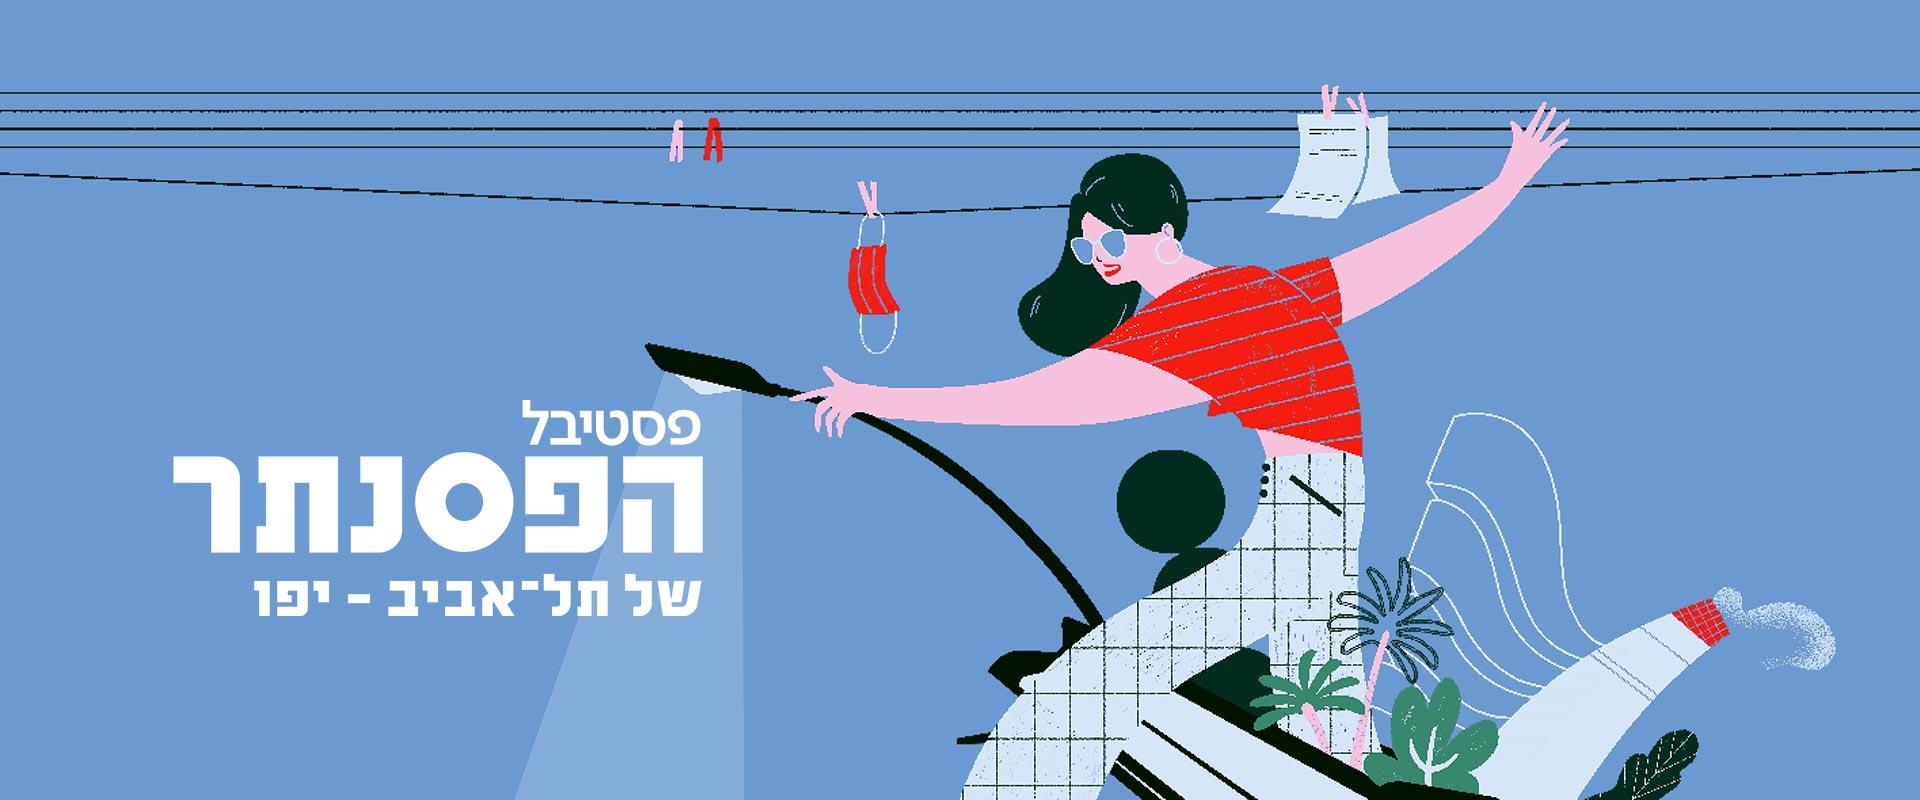 פסטיבל הפסנתר של תל אביב יפו